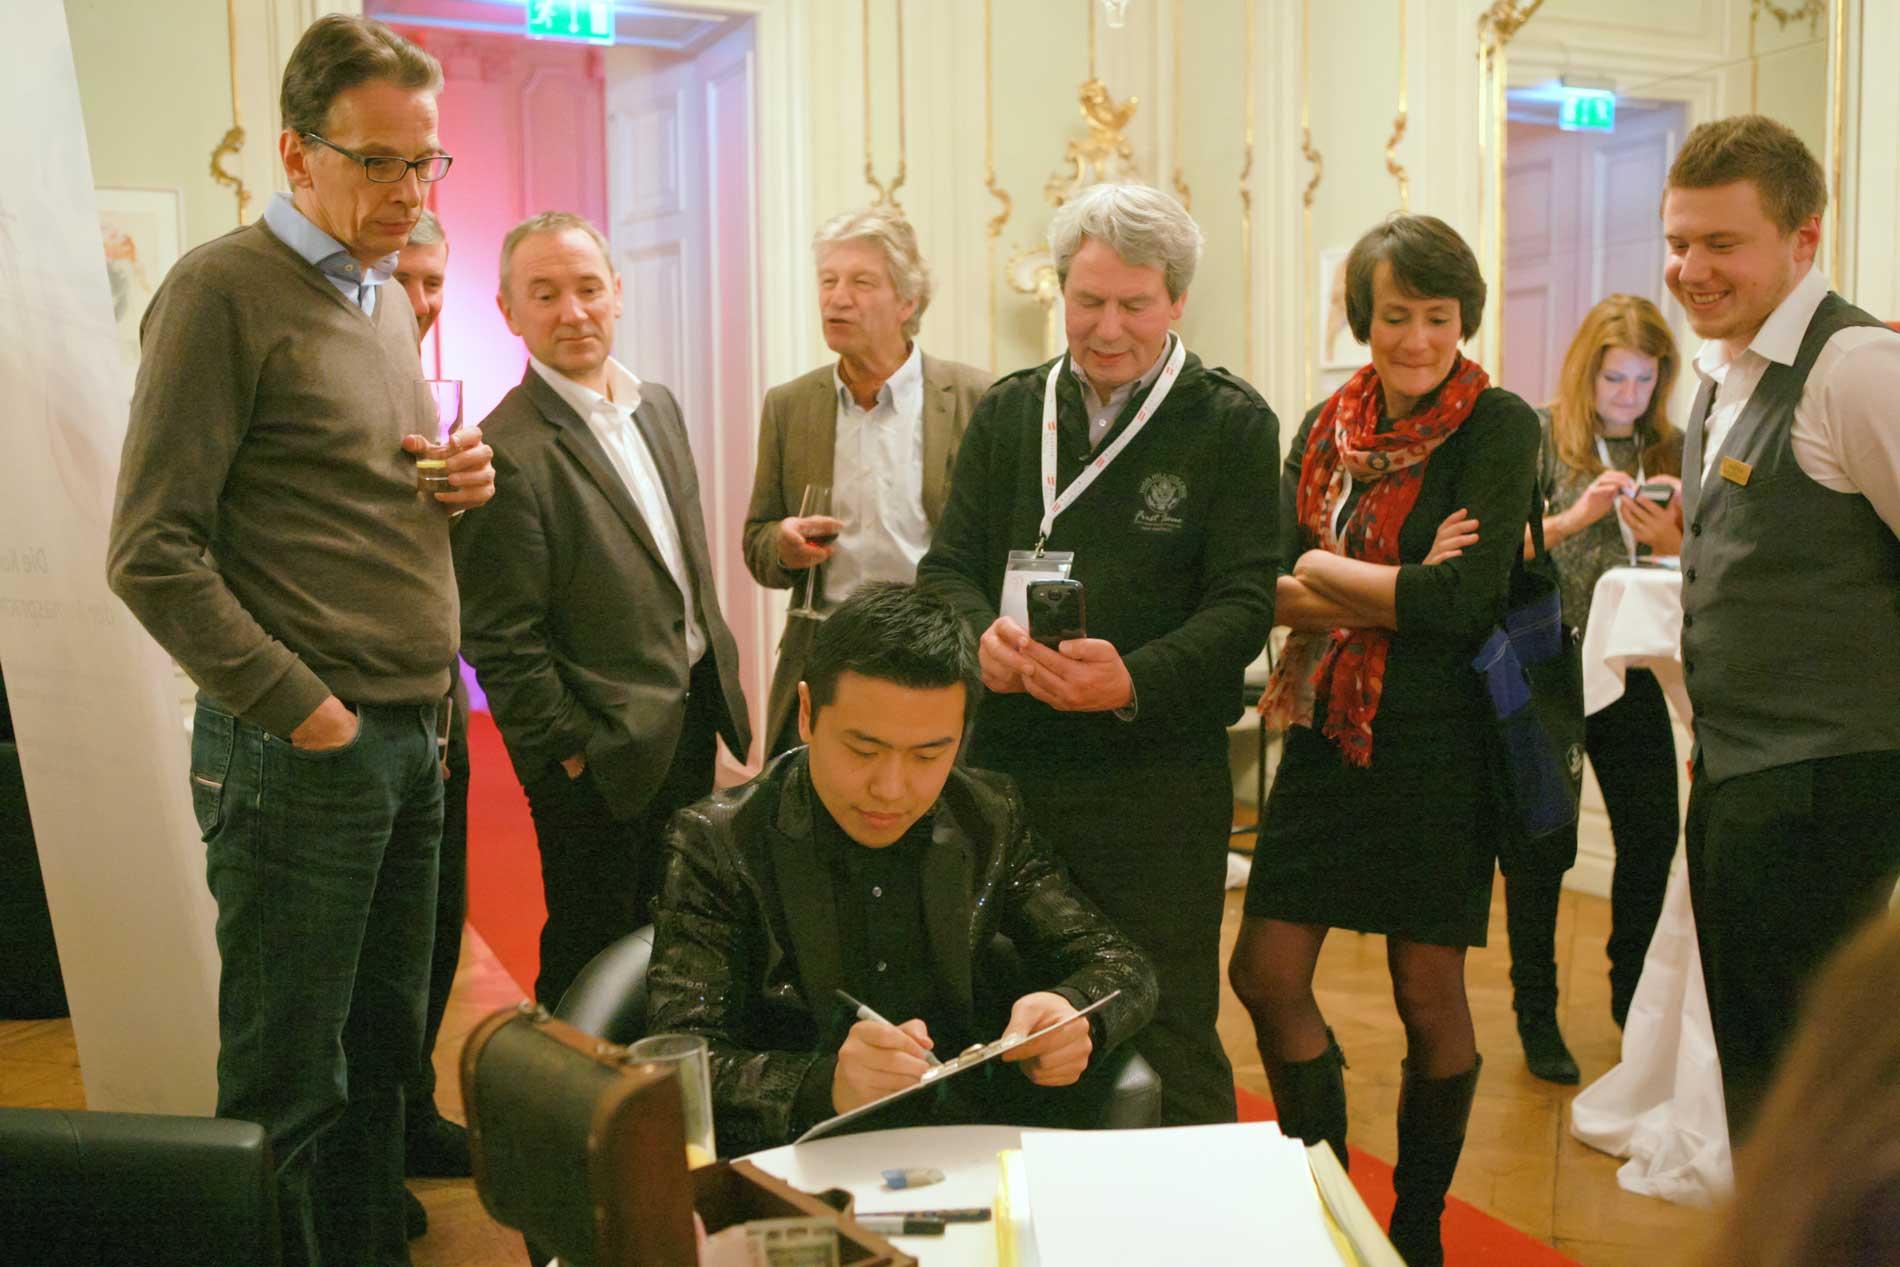 Xi's Service als Professioneller Karikaturist für Events in der Schweiz